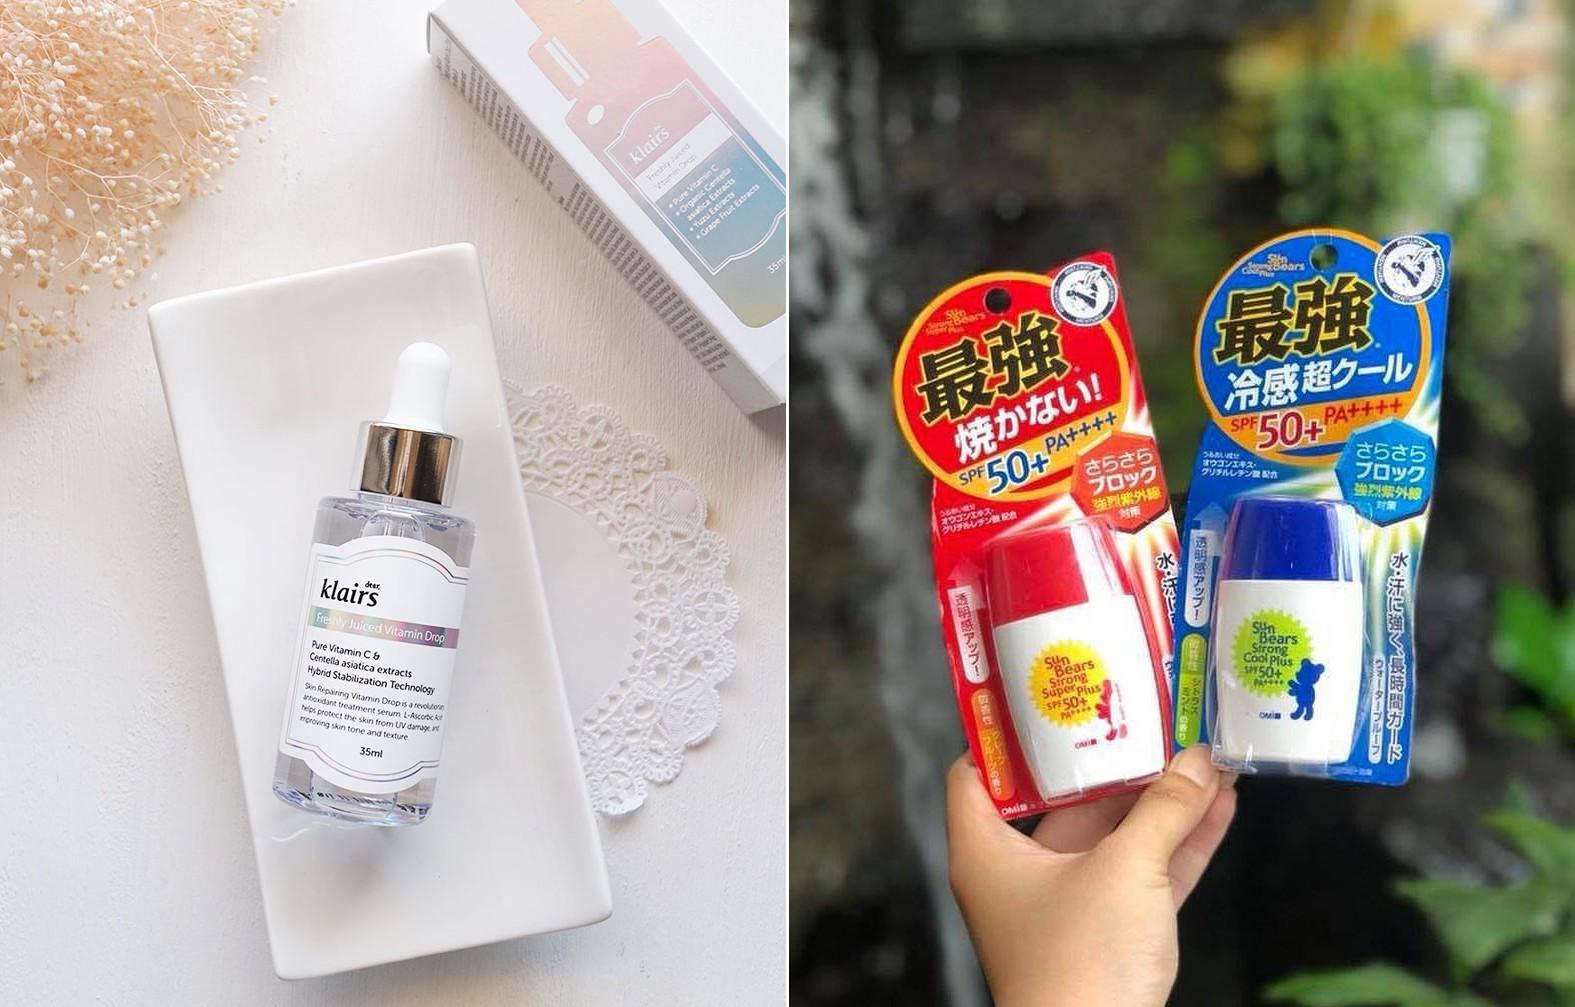 """5 bộ đôi serum vitamin C và kem chống nắng bình dân mà bạn có thể dễ dàng tìm mua để có làn da đẹp """"thần thánh"""" - Ảnh 3."""